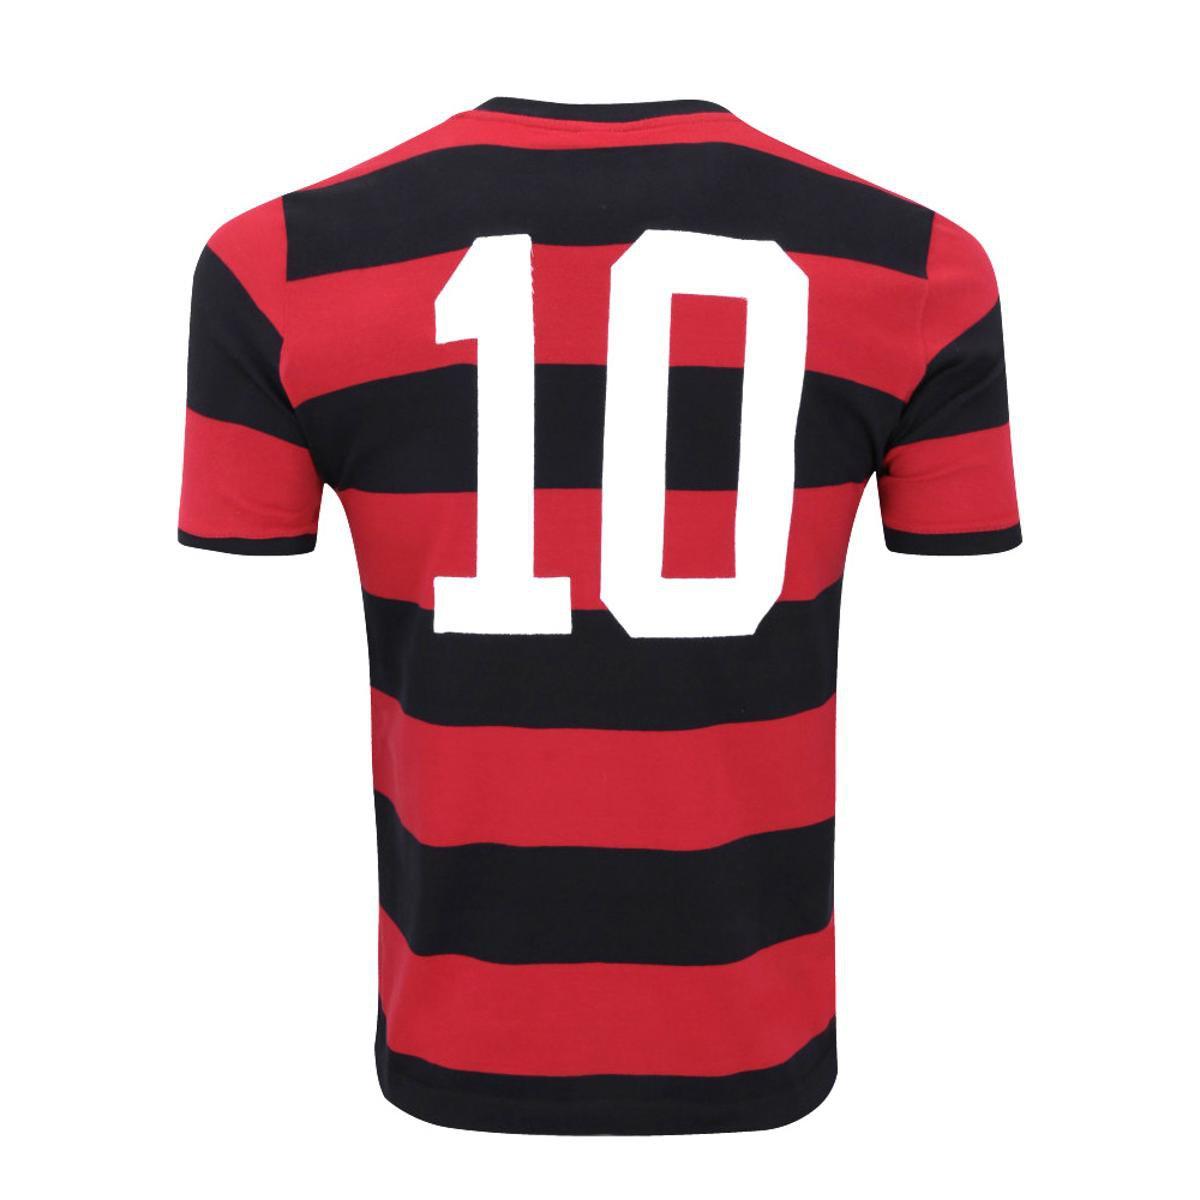 Camisa Retrô Flamengo Réplica Zico Masculina - Preto e Vermelho ... 1385932185df7